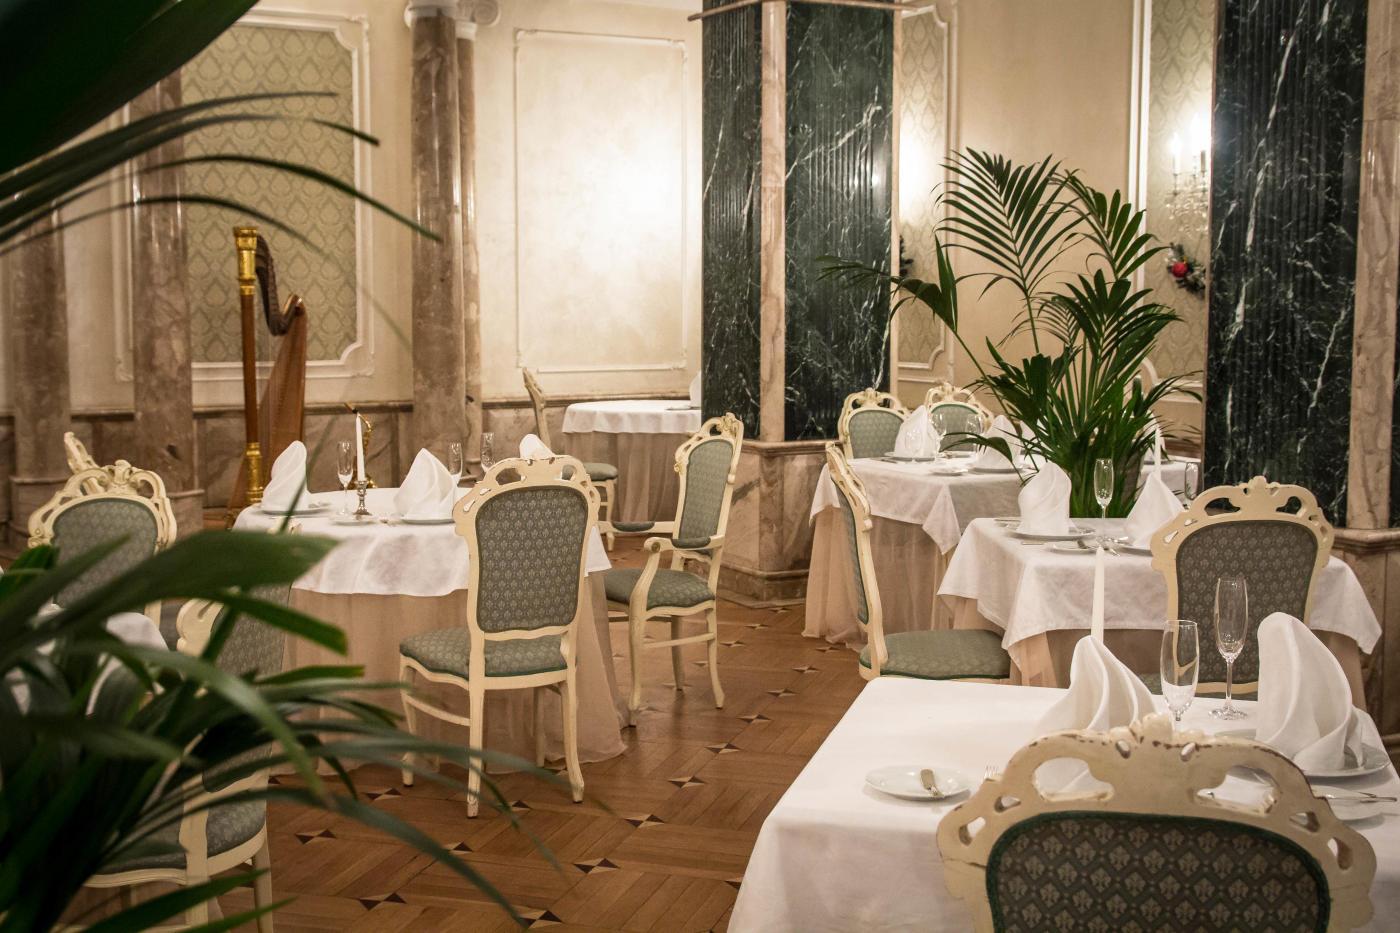 Ресторан Ривьера (Riviere) фото 6